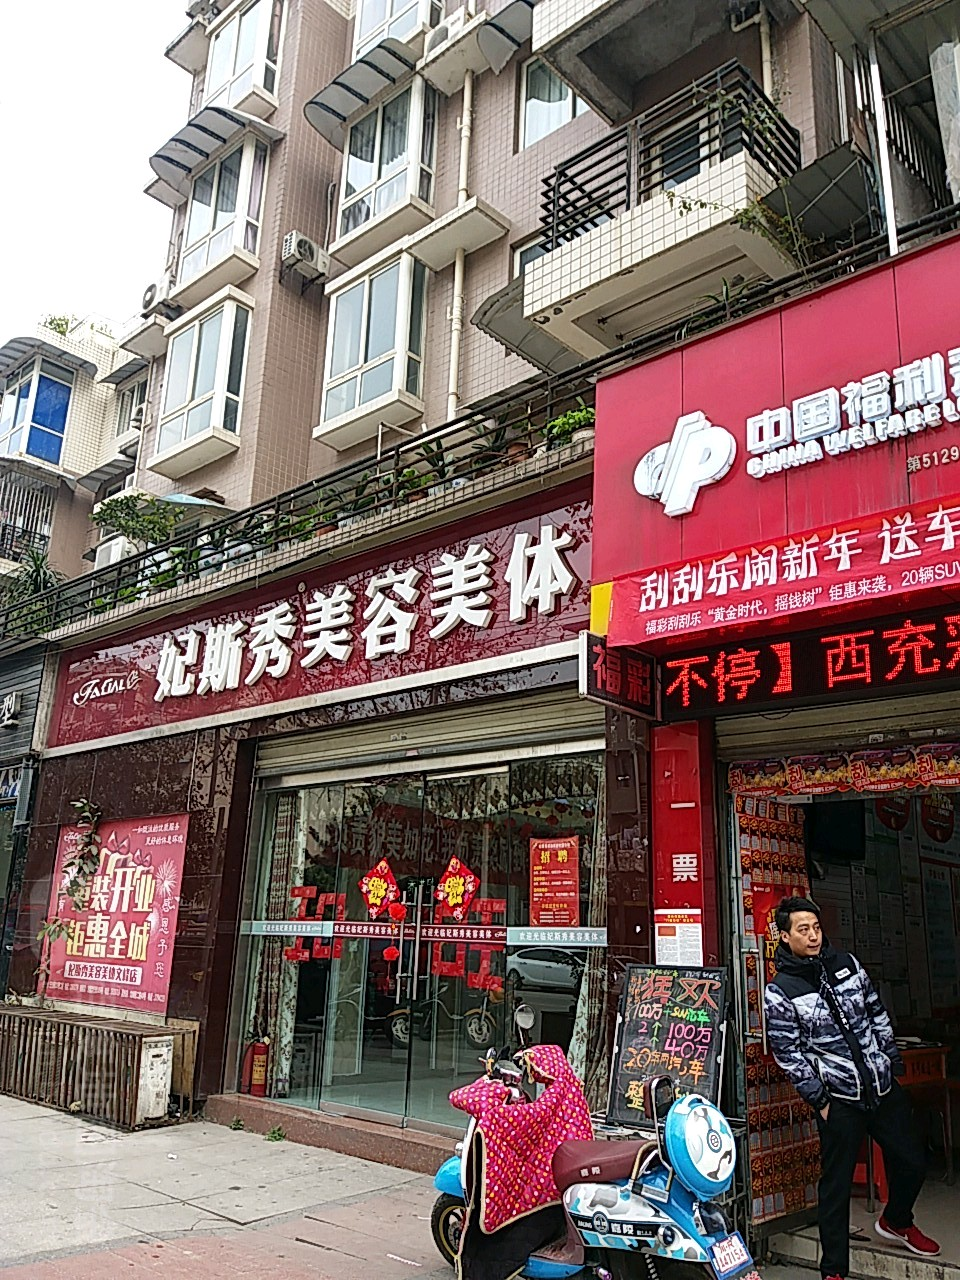 文峰街二段40号  标签: 丽人 美容 美发  妃斯秀美容美体院(文峰街图片